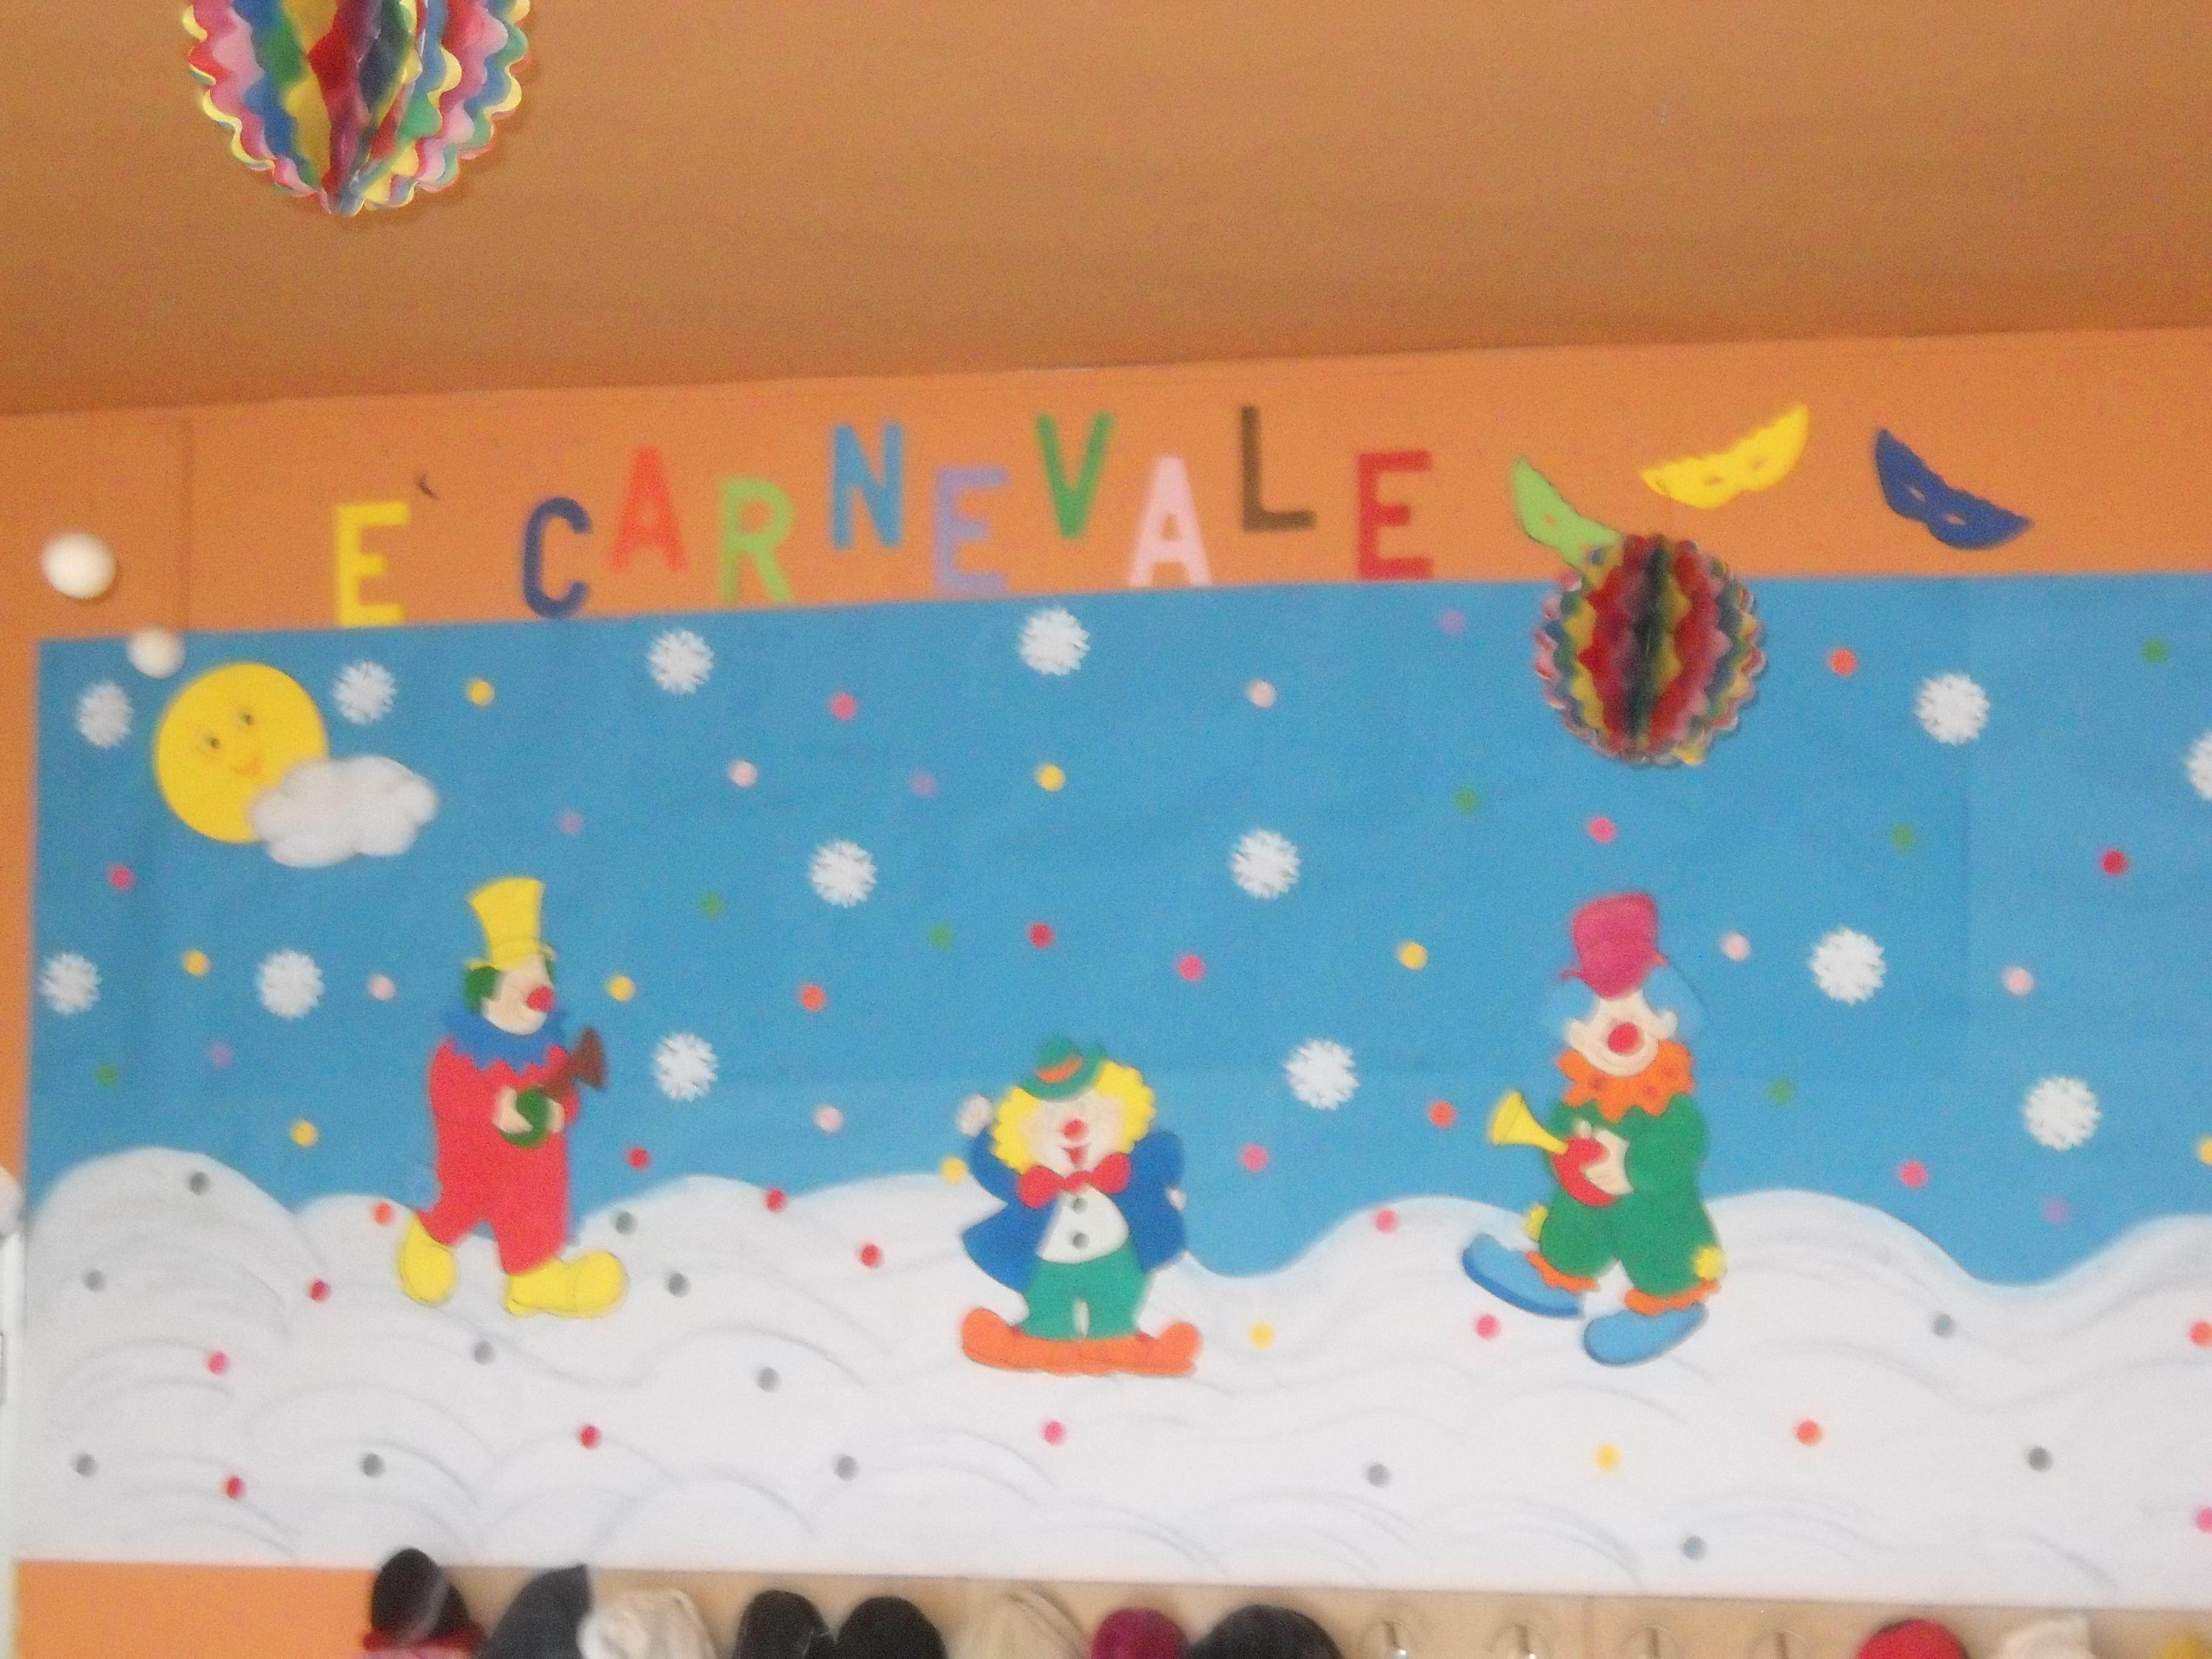 Carnevale addobbi scuola maestramaria for Addobbi per accoglienza scuola infanzia